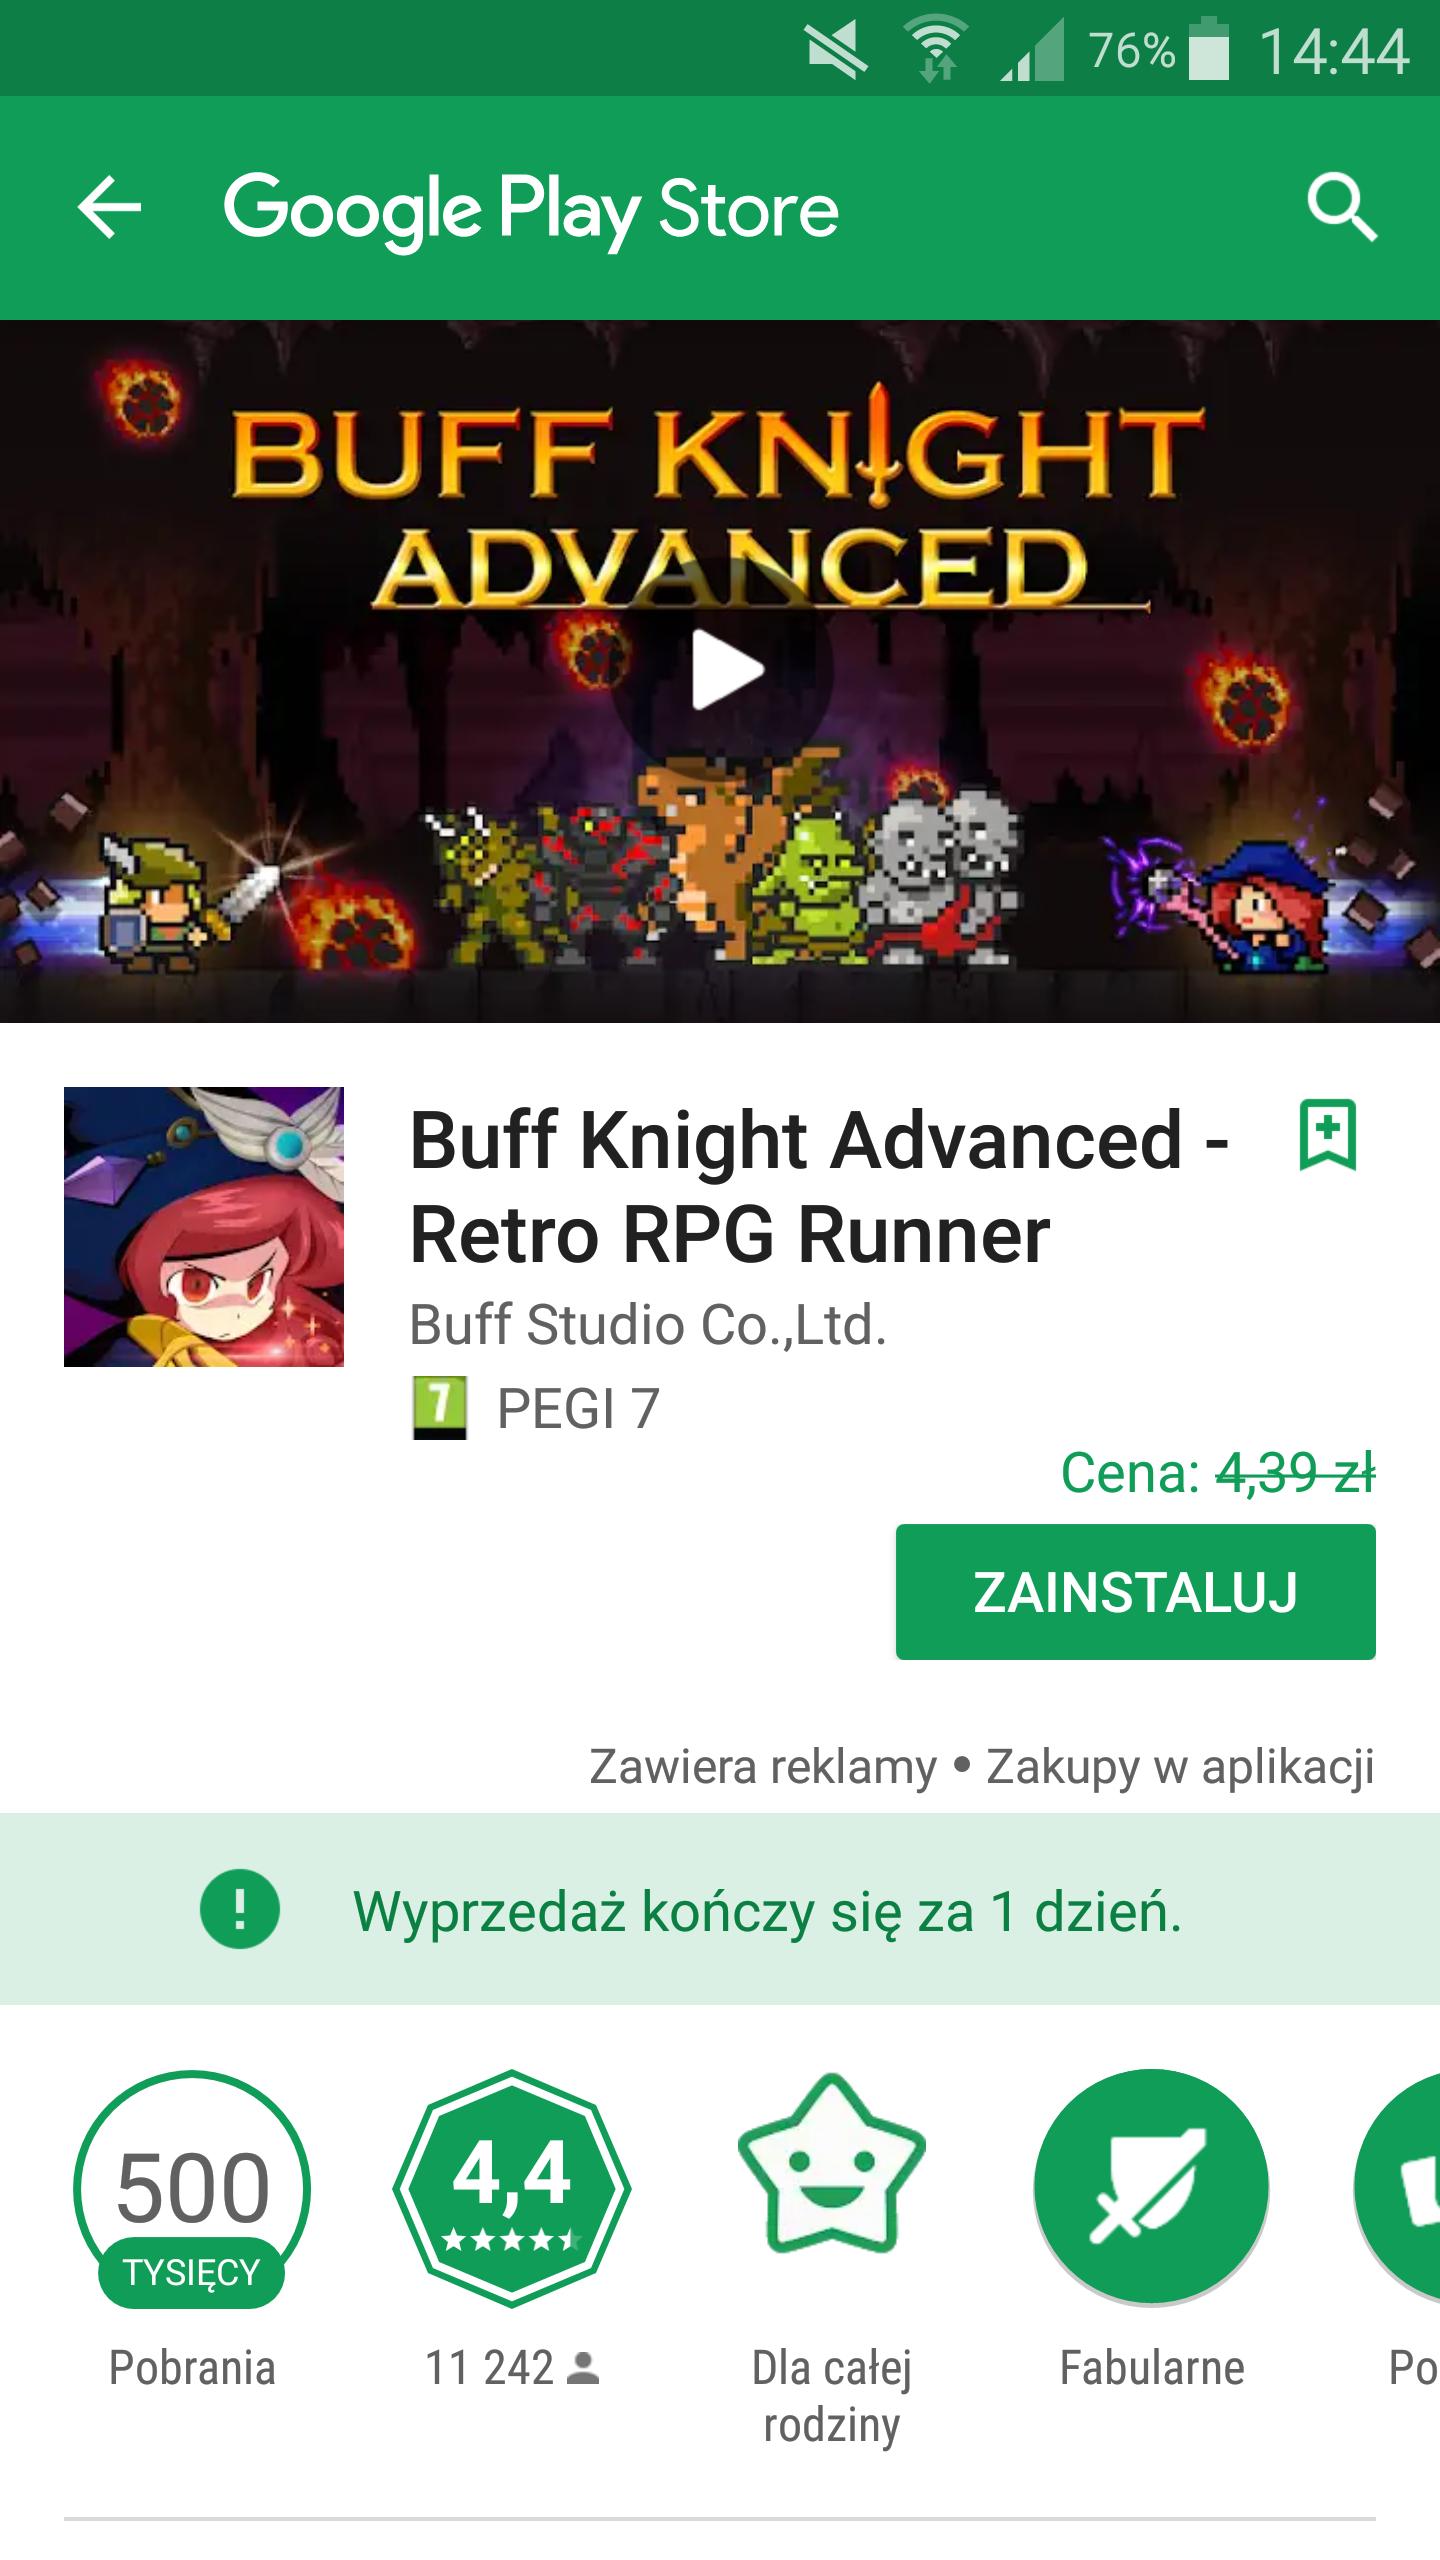 Buff Knight Advanced- Retro RPG Runner. W opisie wiecej gier przecenionych